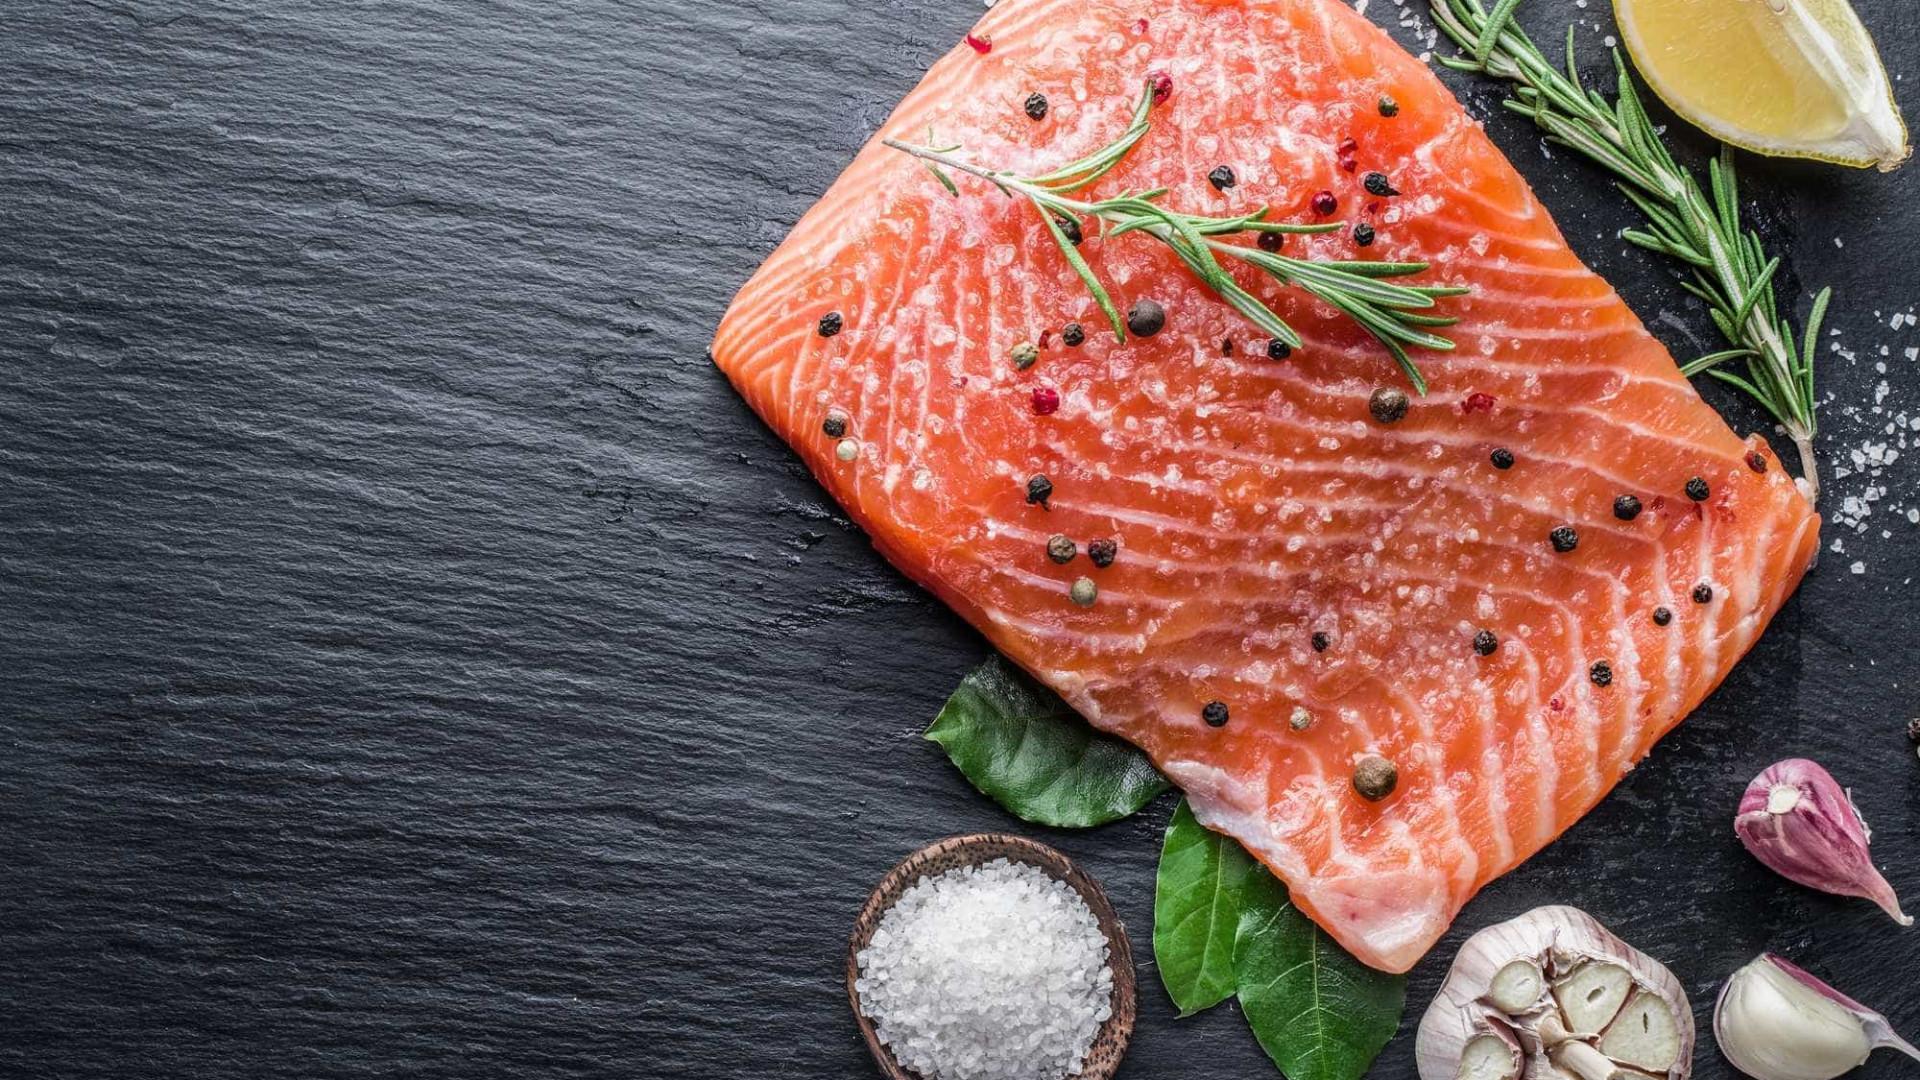 O que é melhor: comer peixe cru ou cozido?